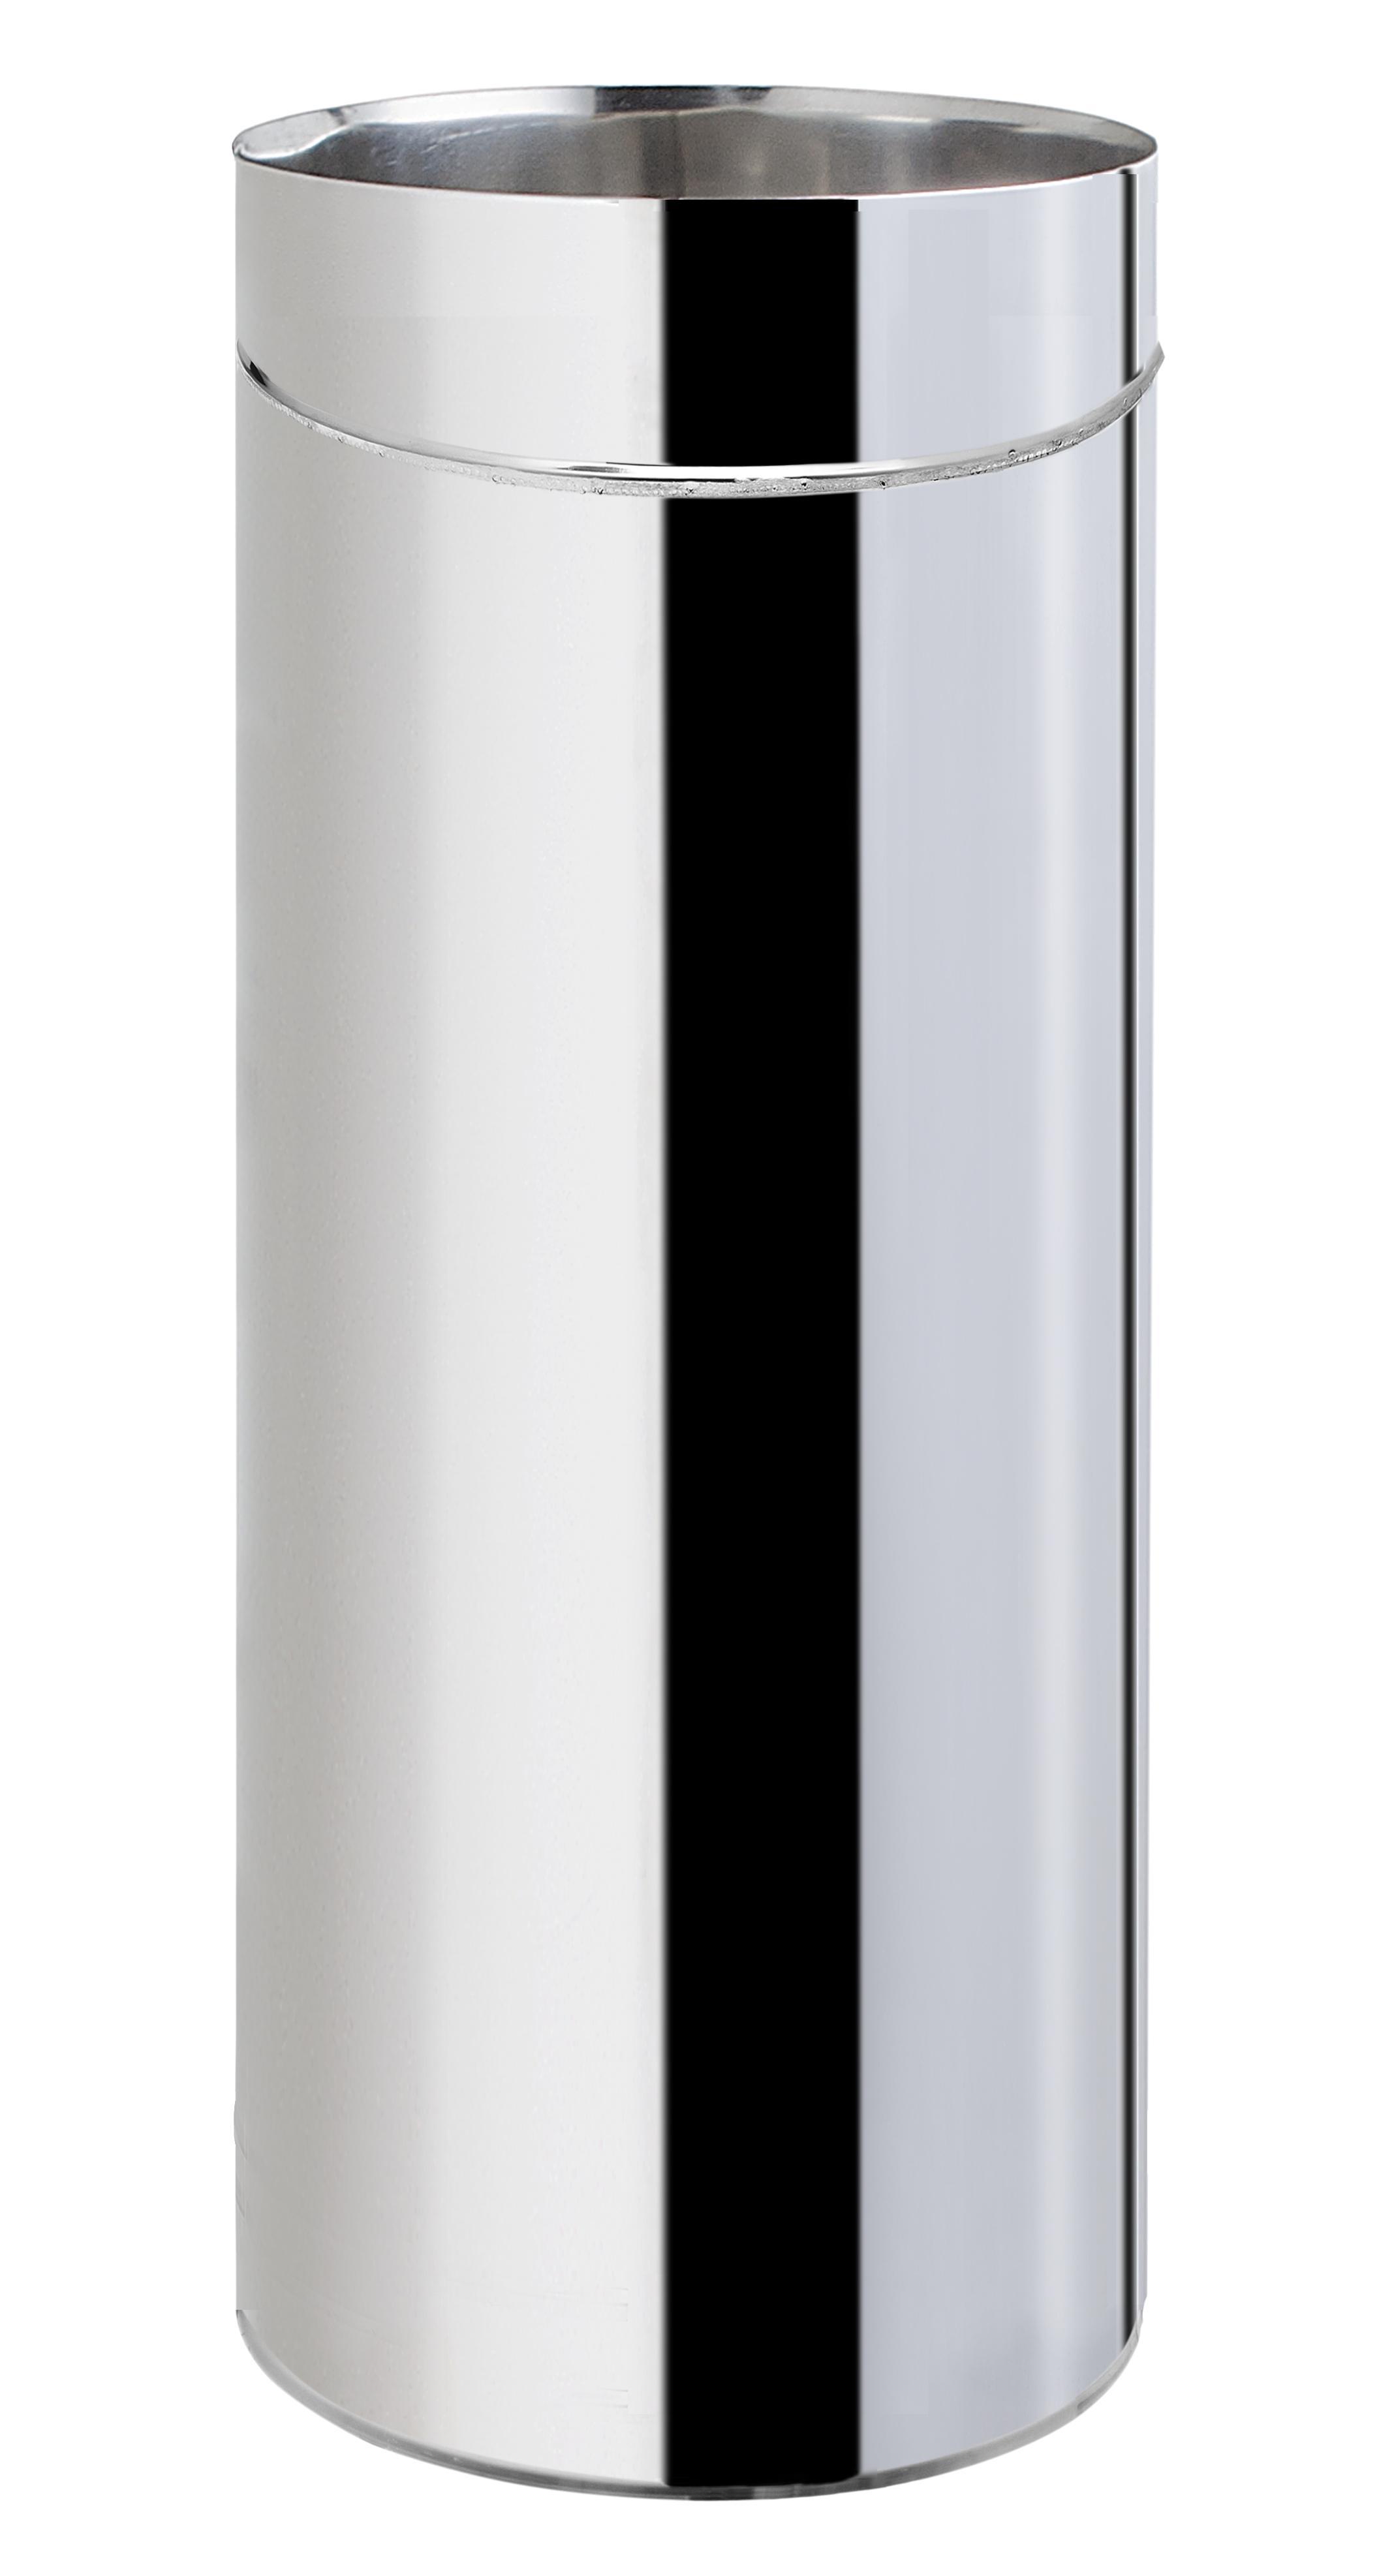 Rohrelement Edelstahl Ø 300mm, 1000mm lang